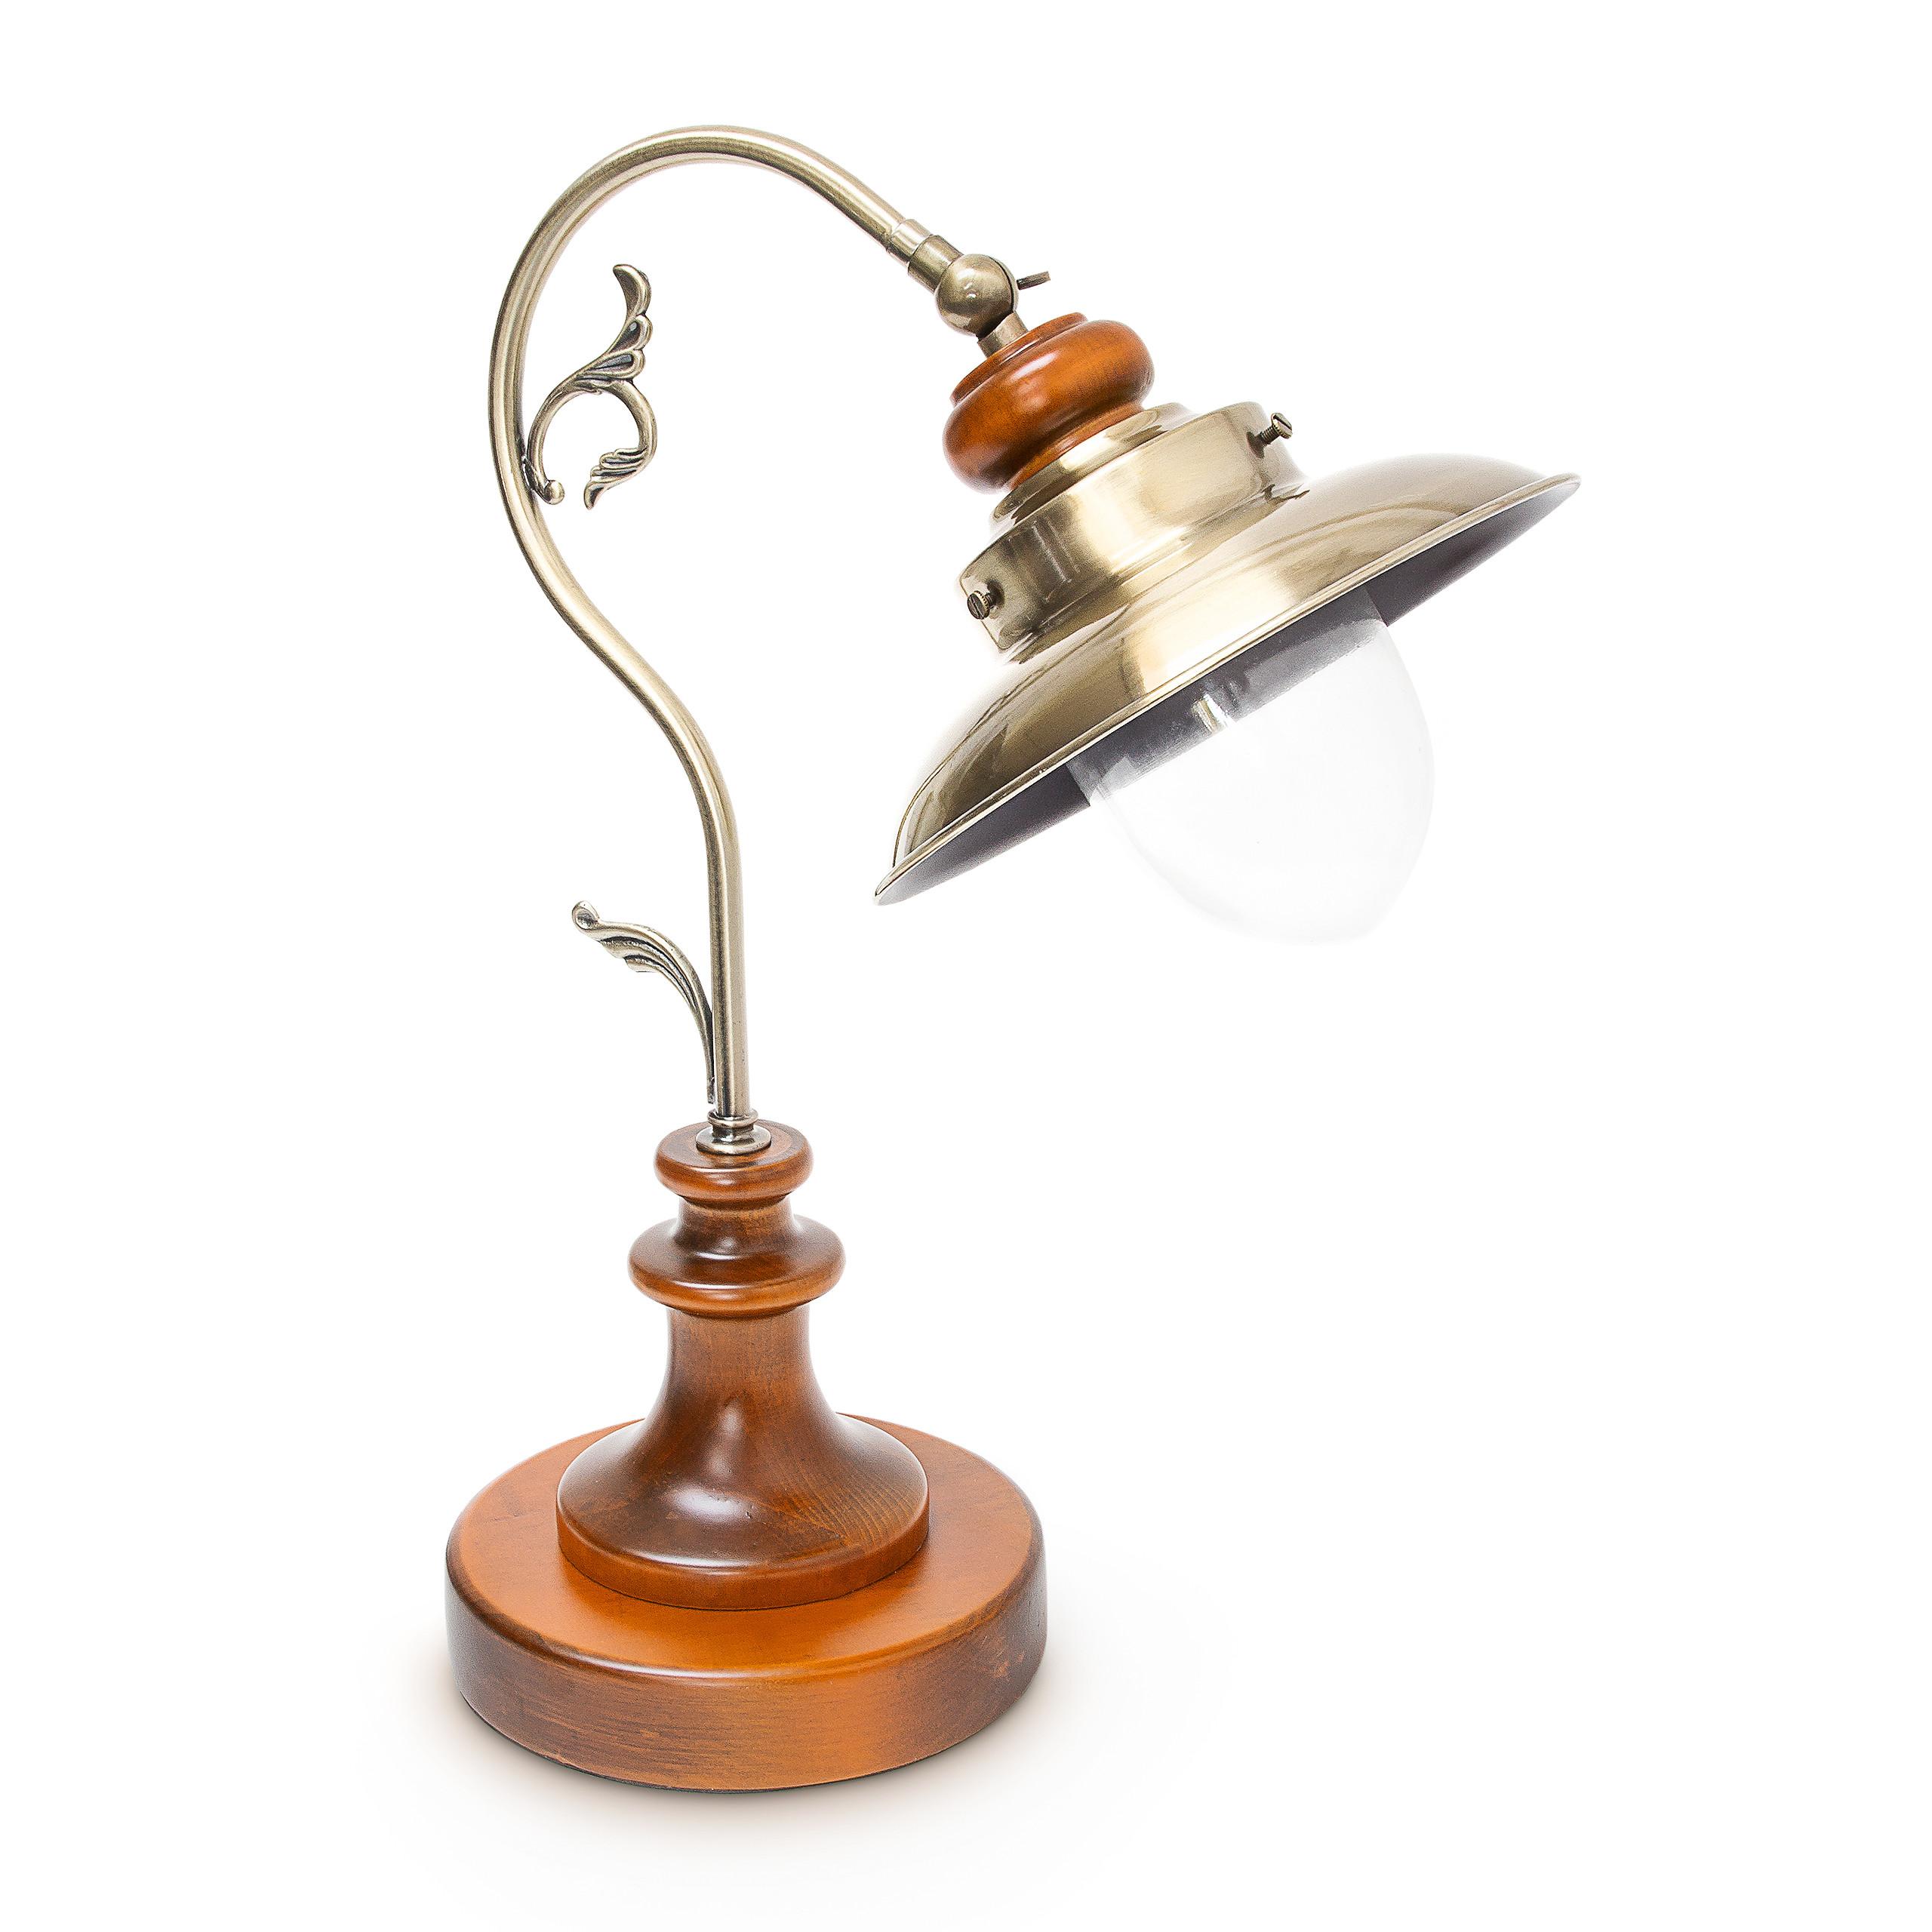 Tischlampe Tischleuchte Schreibtischlampe Steampunk Vintage Design Retro